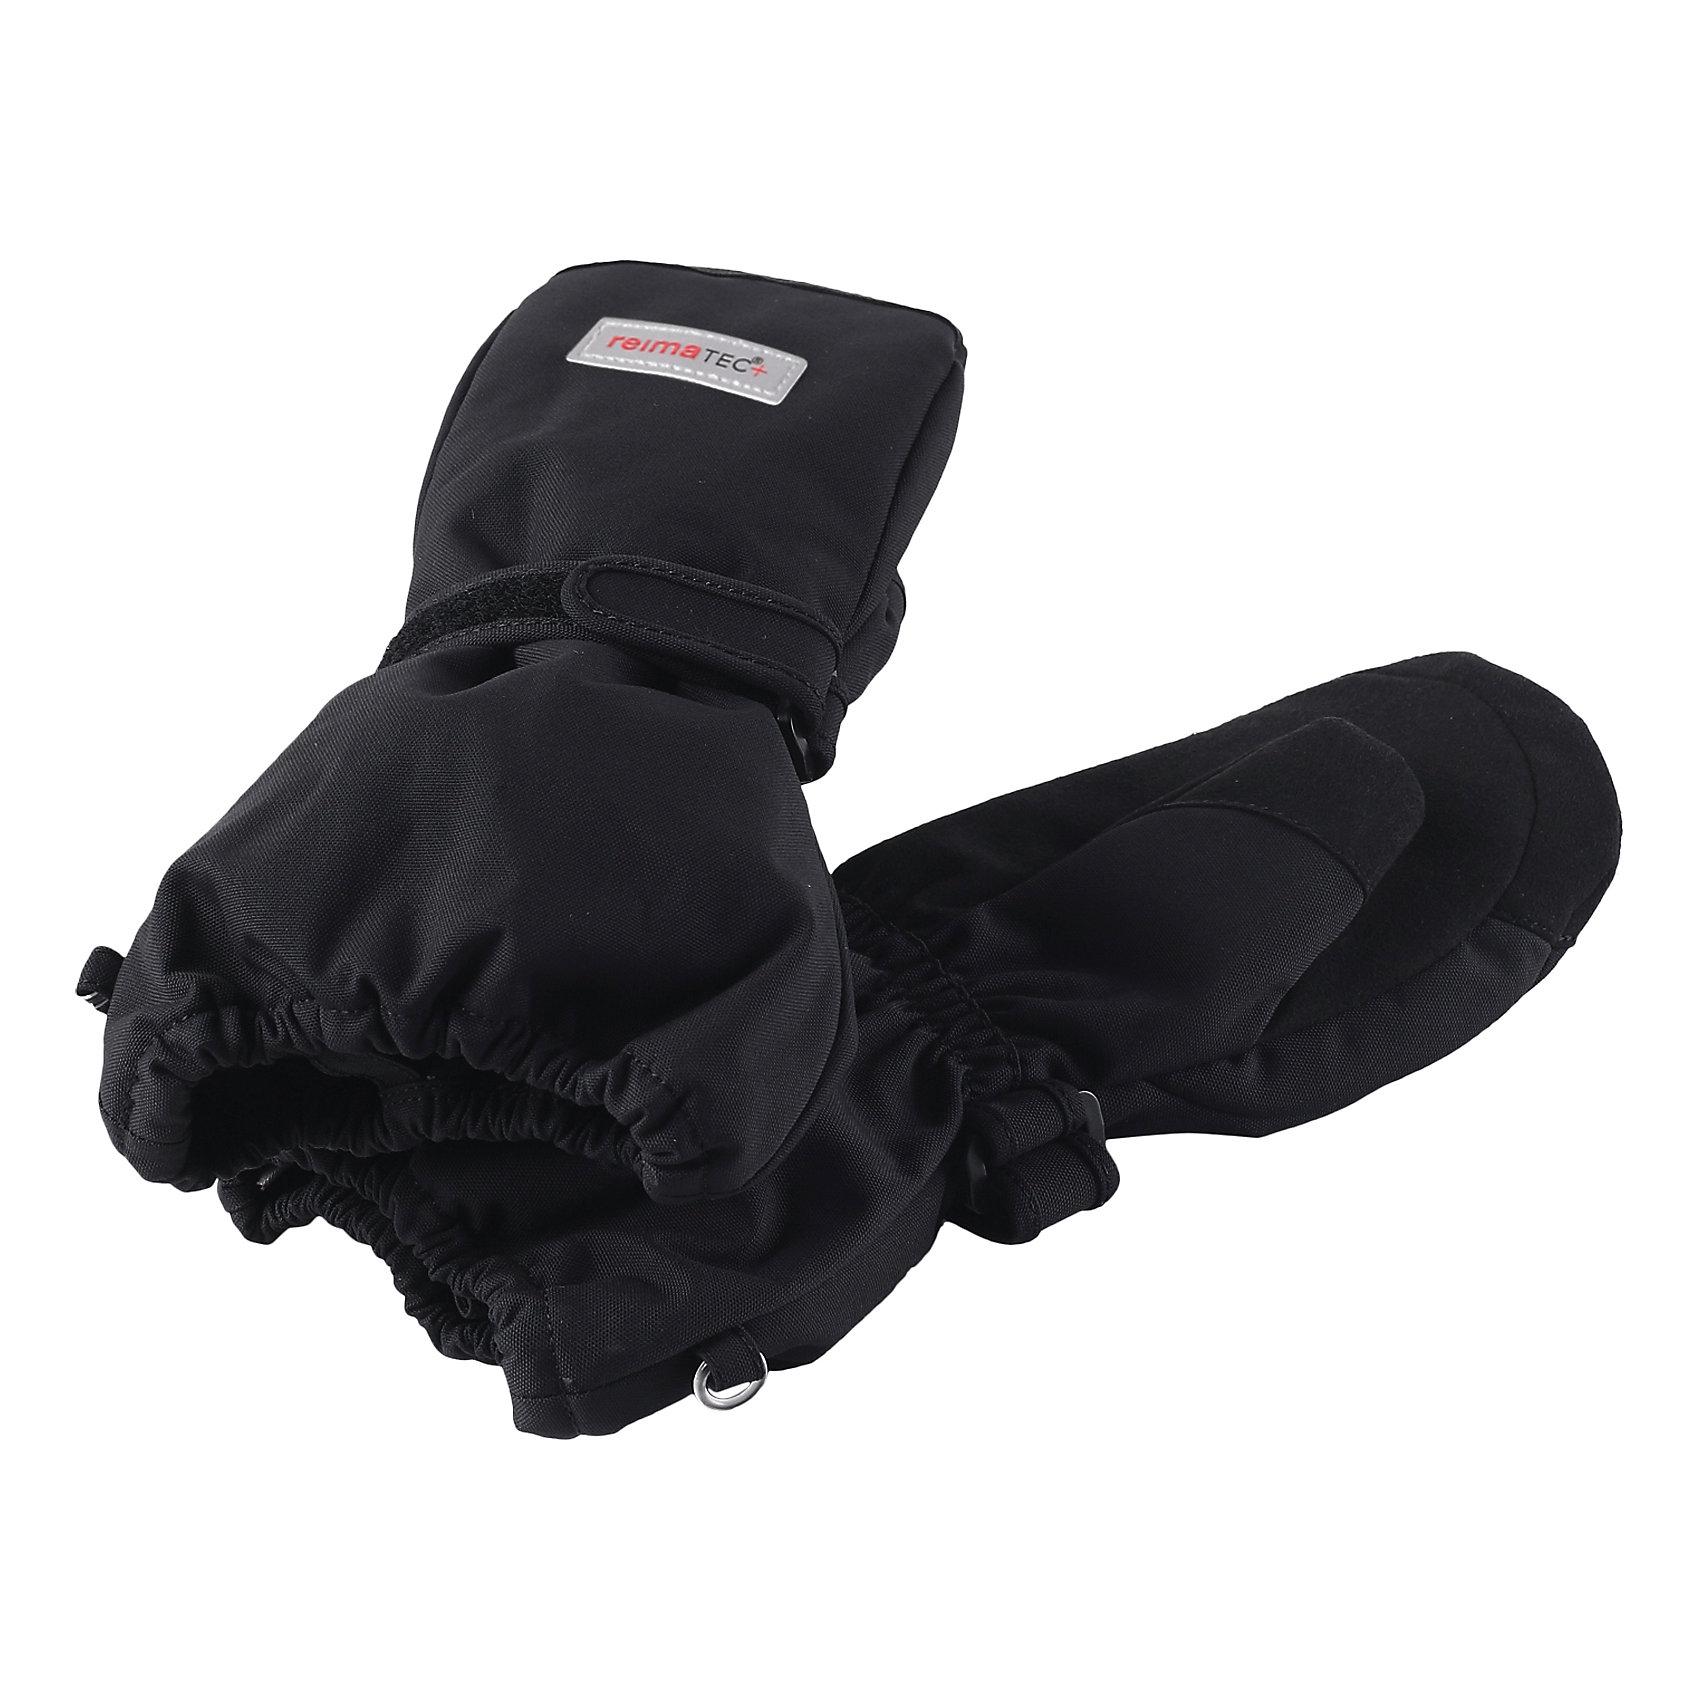 Варежки Askare Reimatec®+ ReimaВарежки для детей.Полная водонепроницаемость и «дышащая» способность благодаря вставке Hipora. Накладки на ладонях и больших пальцах «Дышащий» теплый и быстросохнущий флис .Мягкая теплая подкладка из флиса. Простая застежка на липучке Логотип Reima® спереди. Светоотражающий элемент спереди.<br>Состав:<br>100% ПА, ПУ-покрытие<br><br>Ширина мм: 162<br>Глубина мм: 171<br>Высота мм: 55<br>Вес г: 119<br>Цвет: черный<br>Возраст от месяцев: 24<br>Возраст до месяцев: 48<br>Пол: Унисекс<br>Возраст: Детский<br>Размер: 3,5,4<br>SKU: 5309266